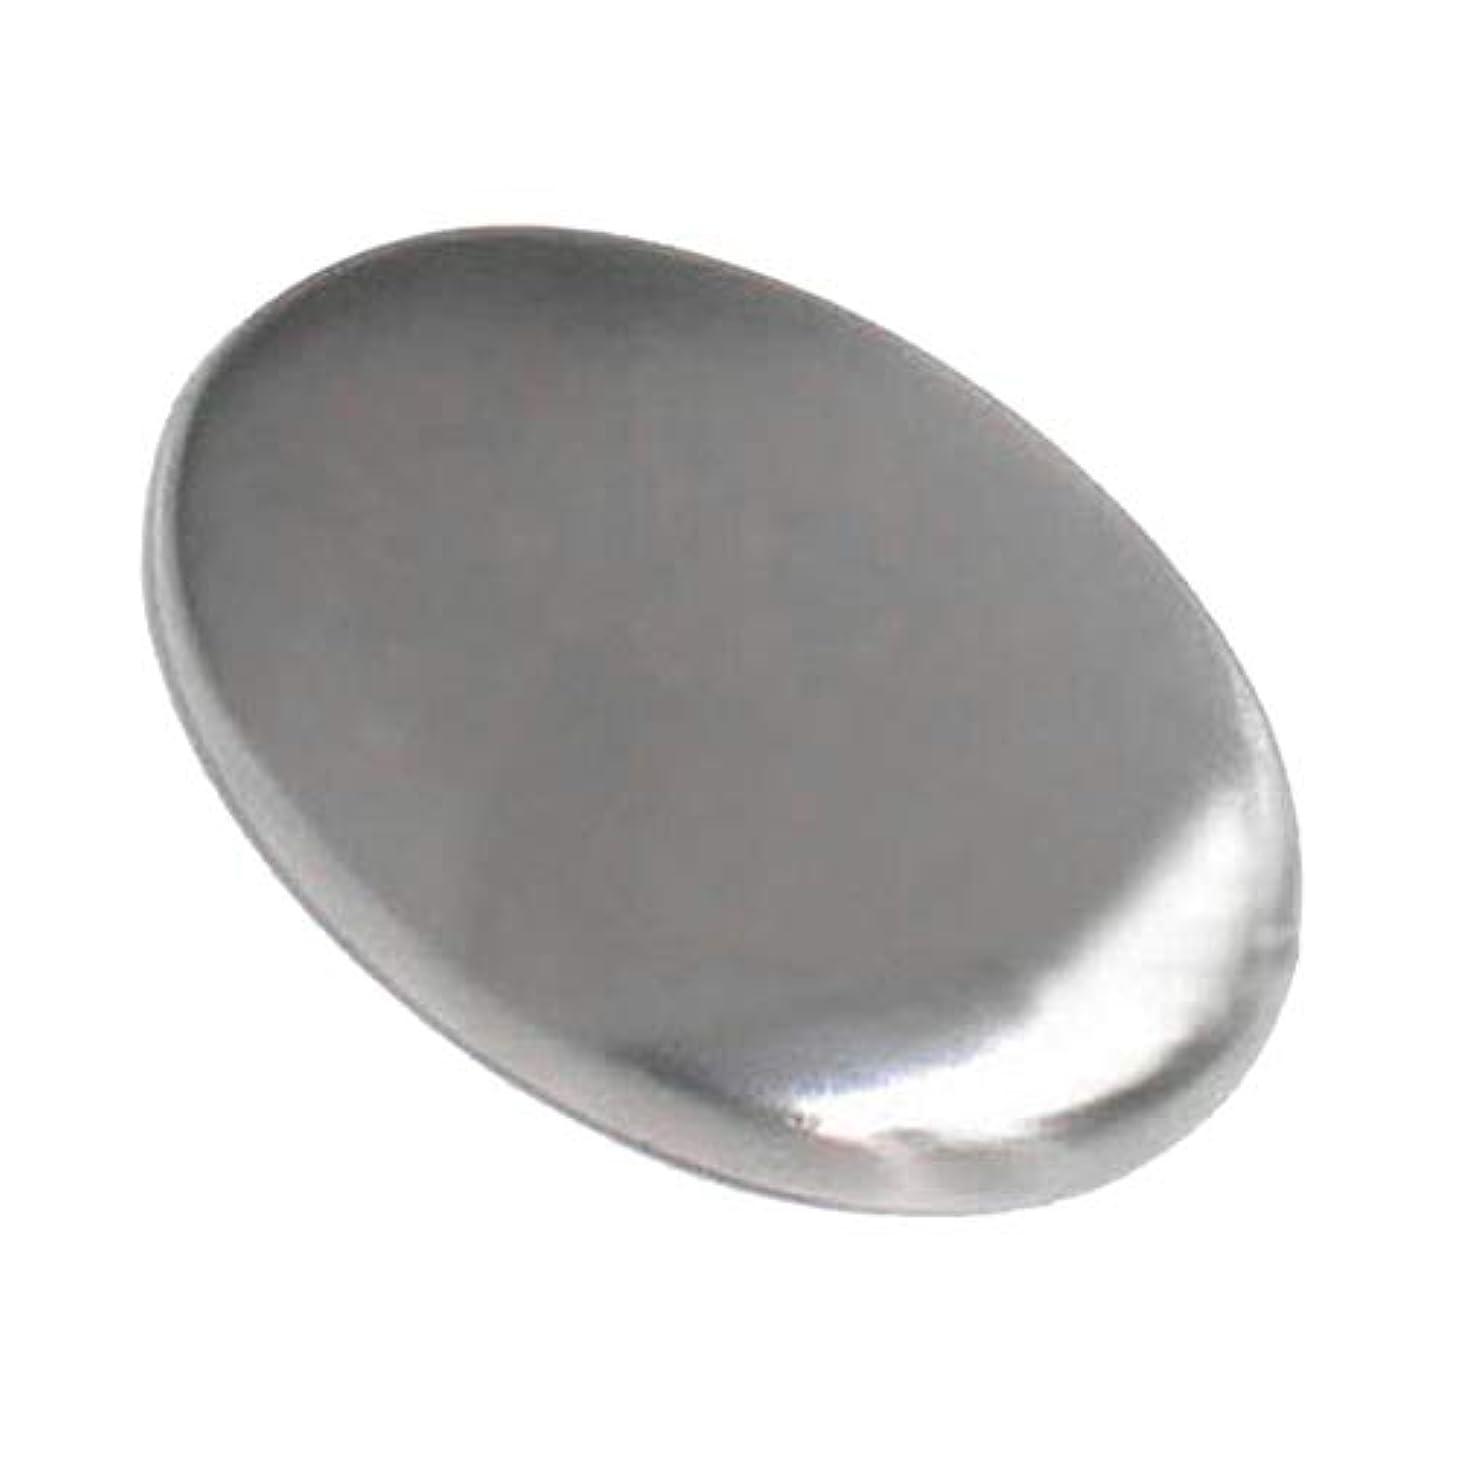 消防士雨の医薬品Hillrong ステンレスソープ ステンレス石鹸 においとりソープ 円形 臭い取り 異臭を取り除く 台所用具